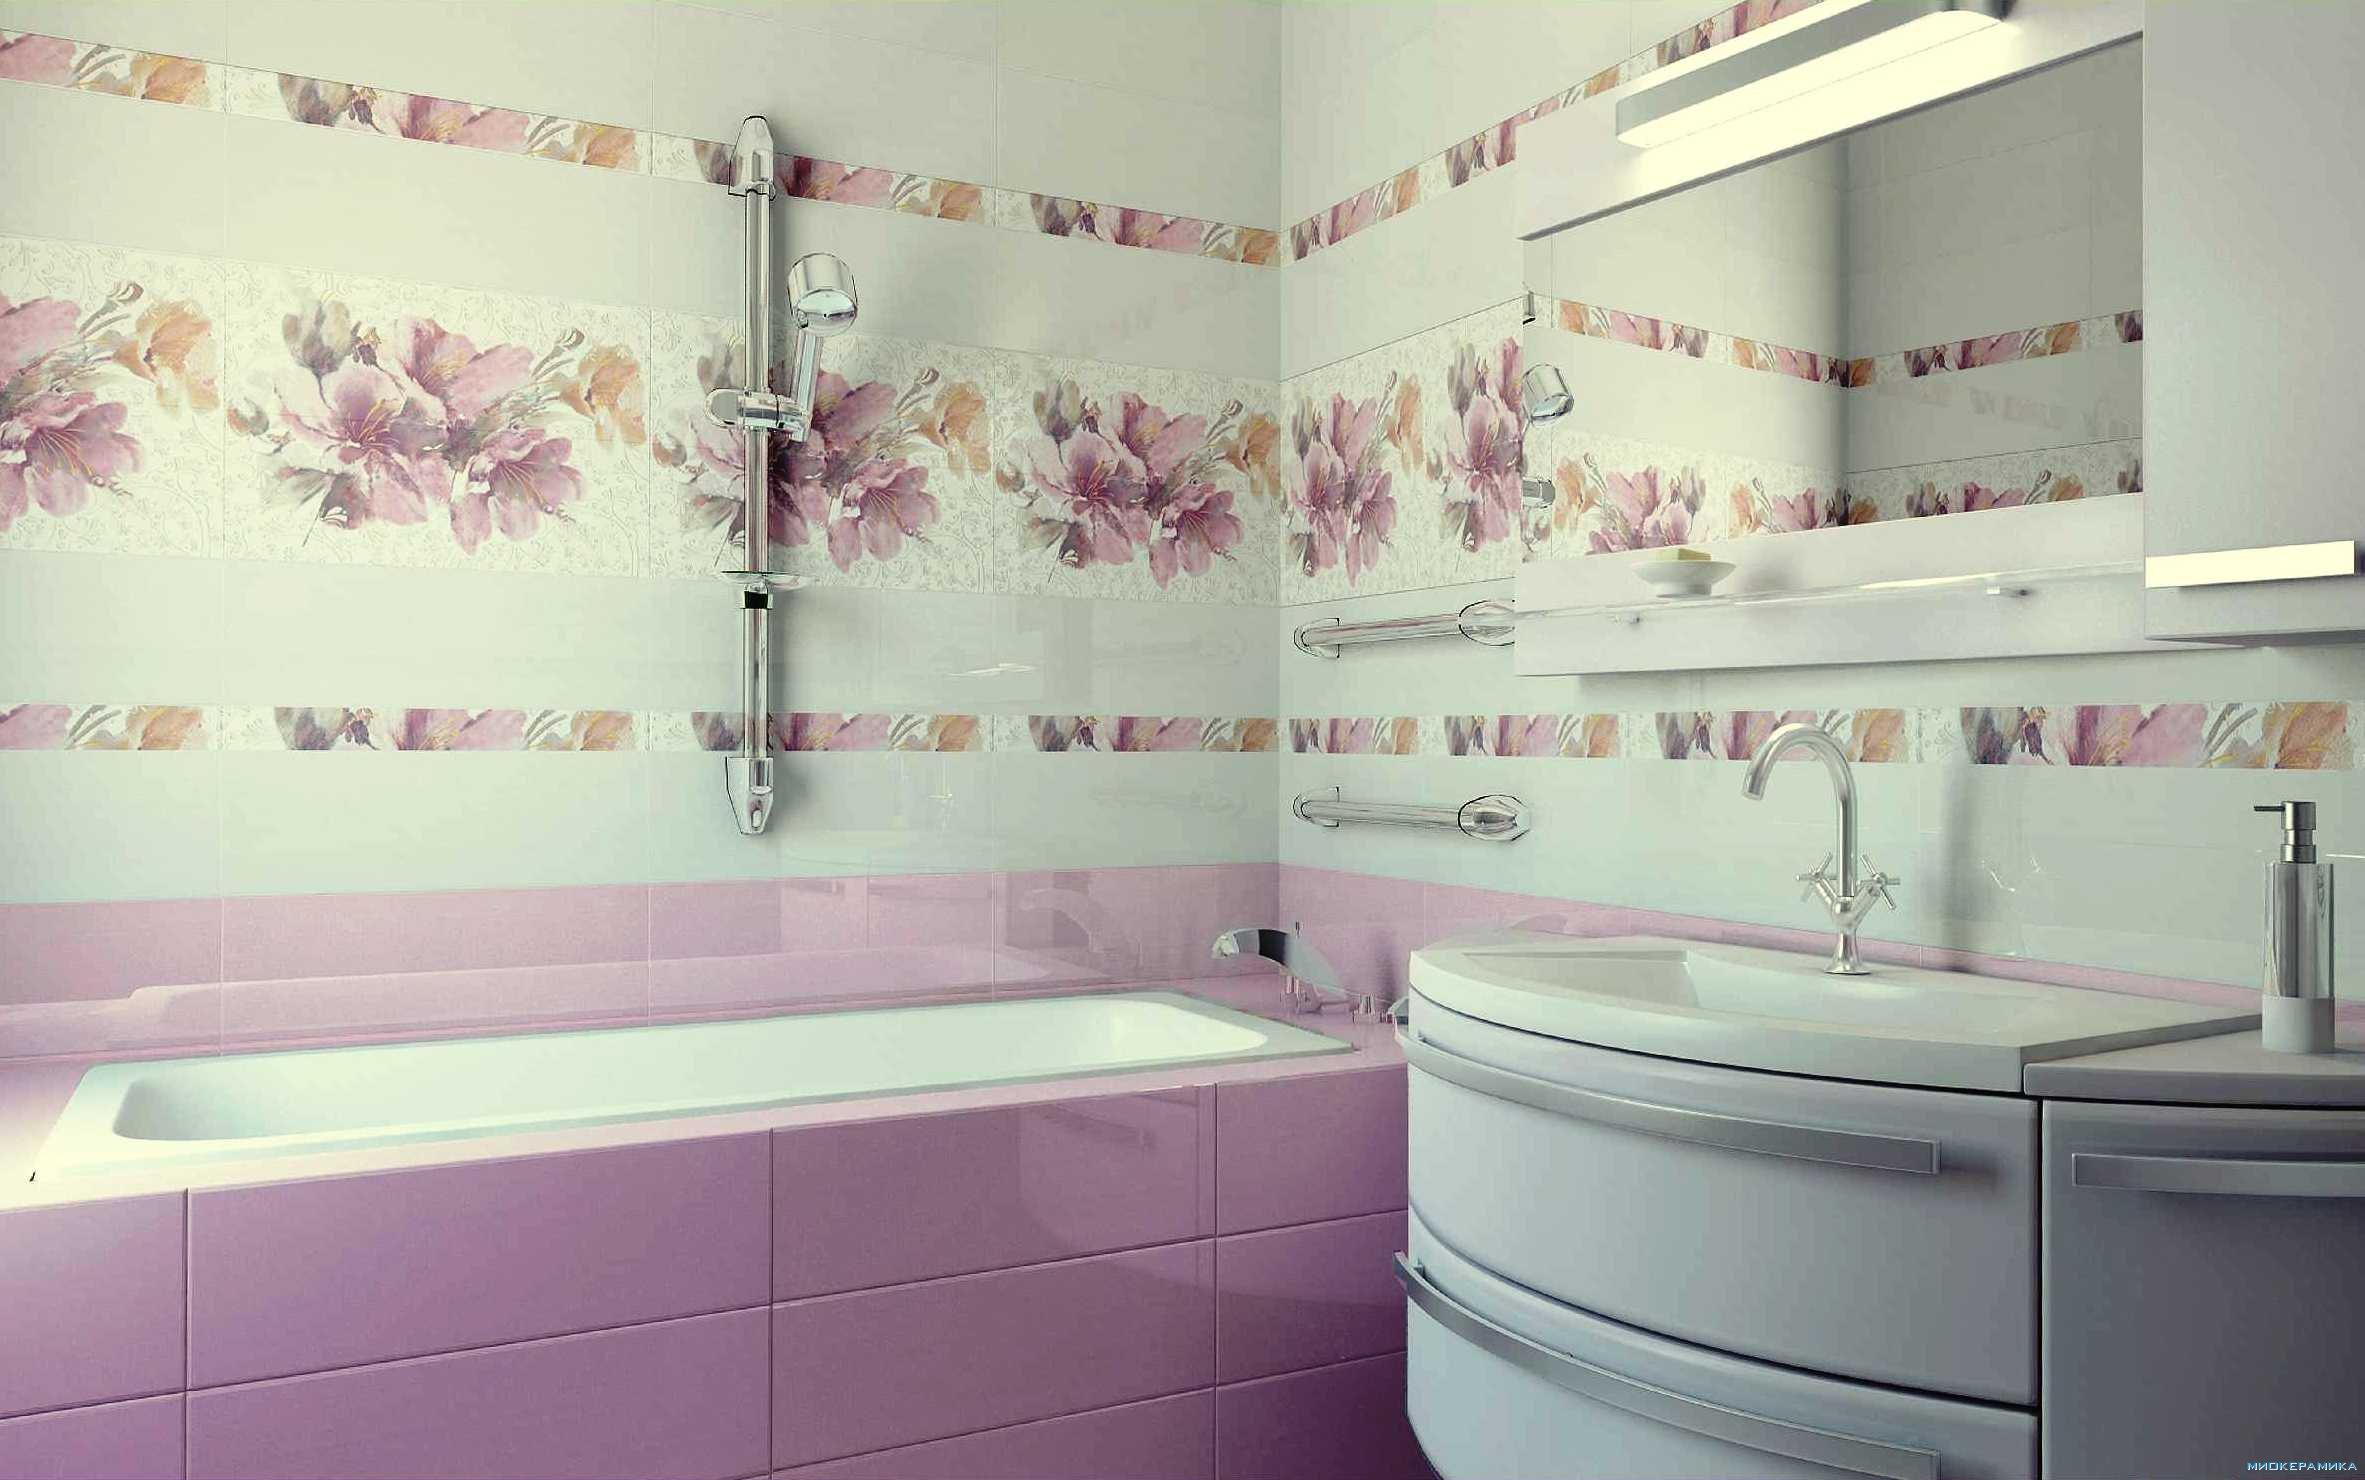 симпатичная керамическая плитка в ванной комнате в стиле печворк в светлых тонах